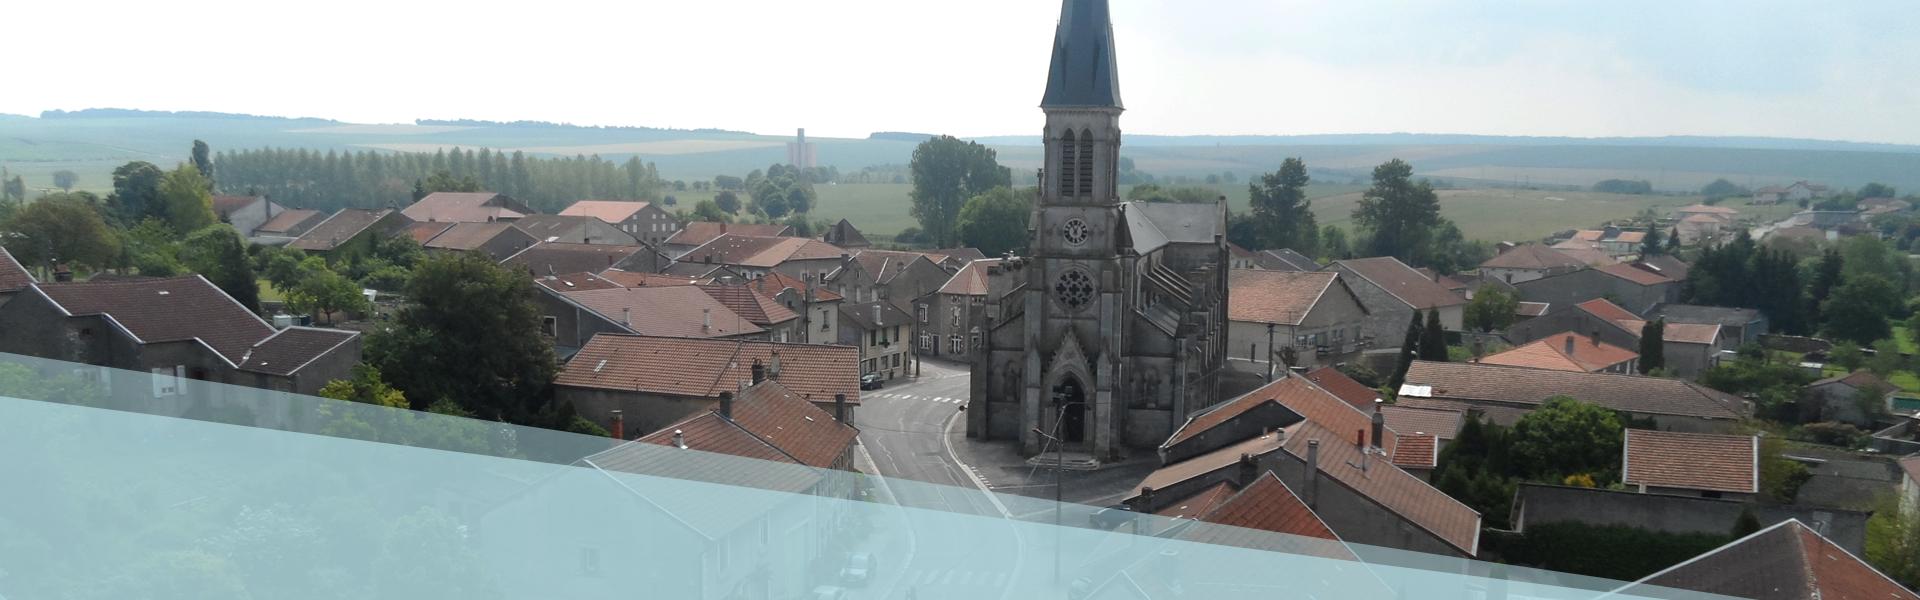 Lacroix-sur-Meuse